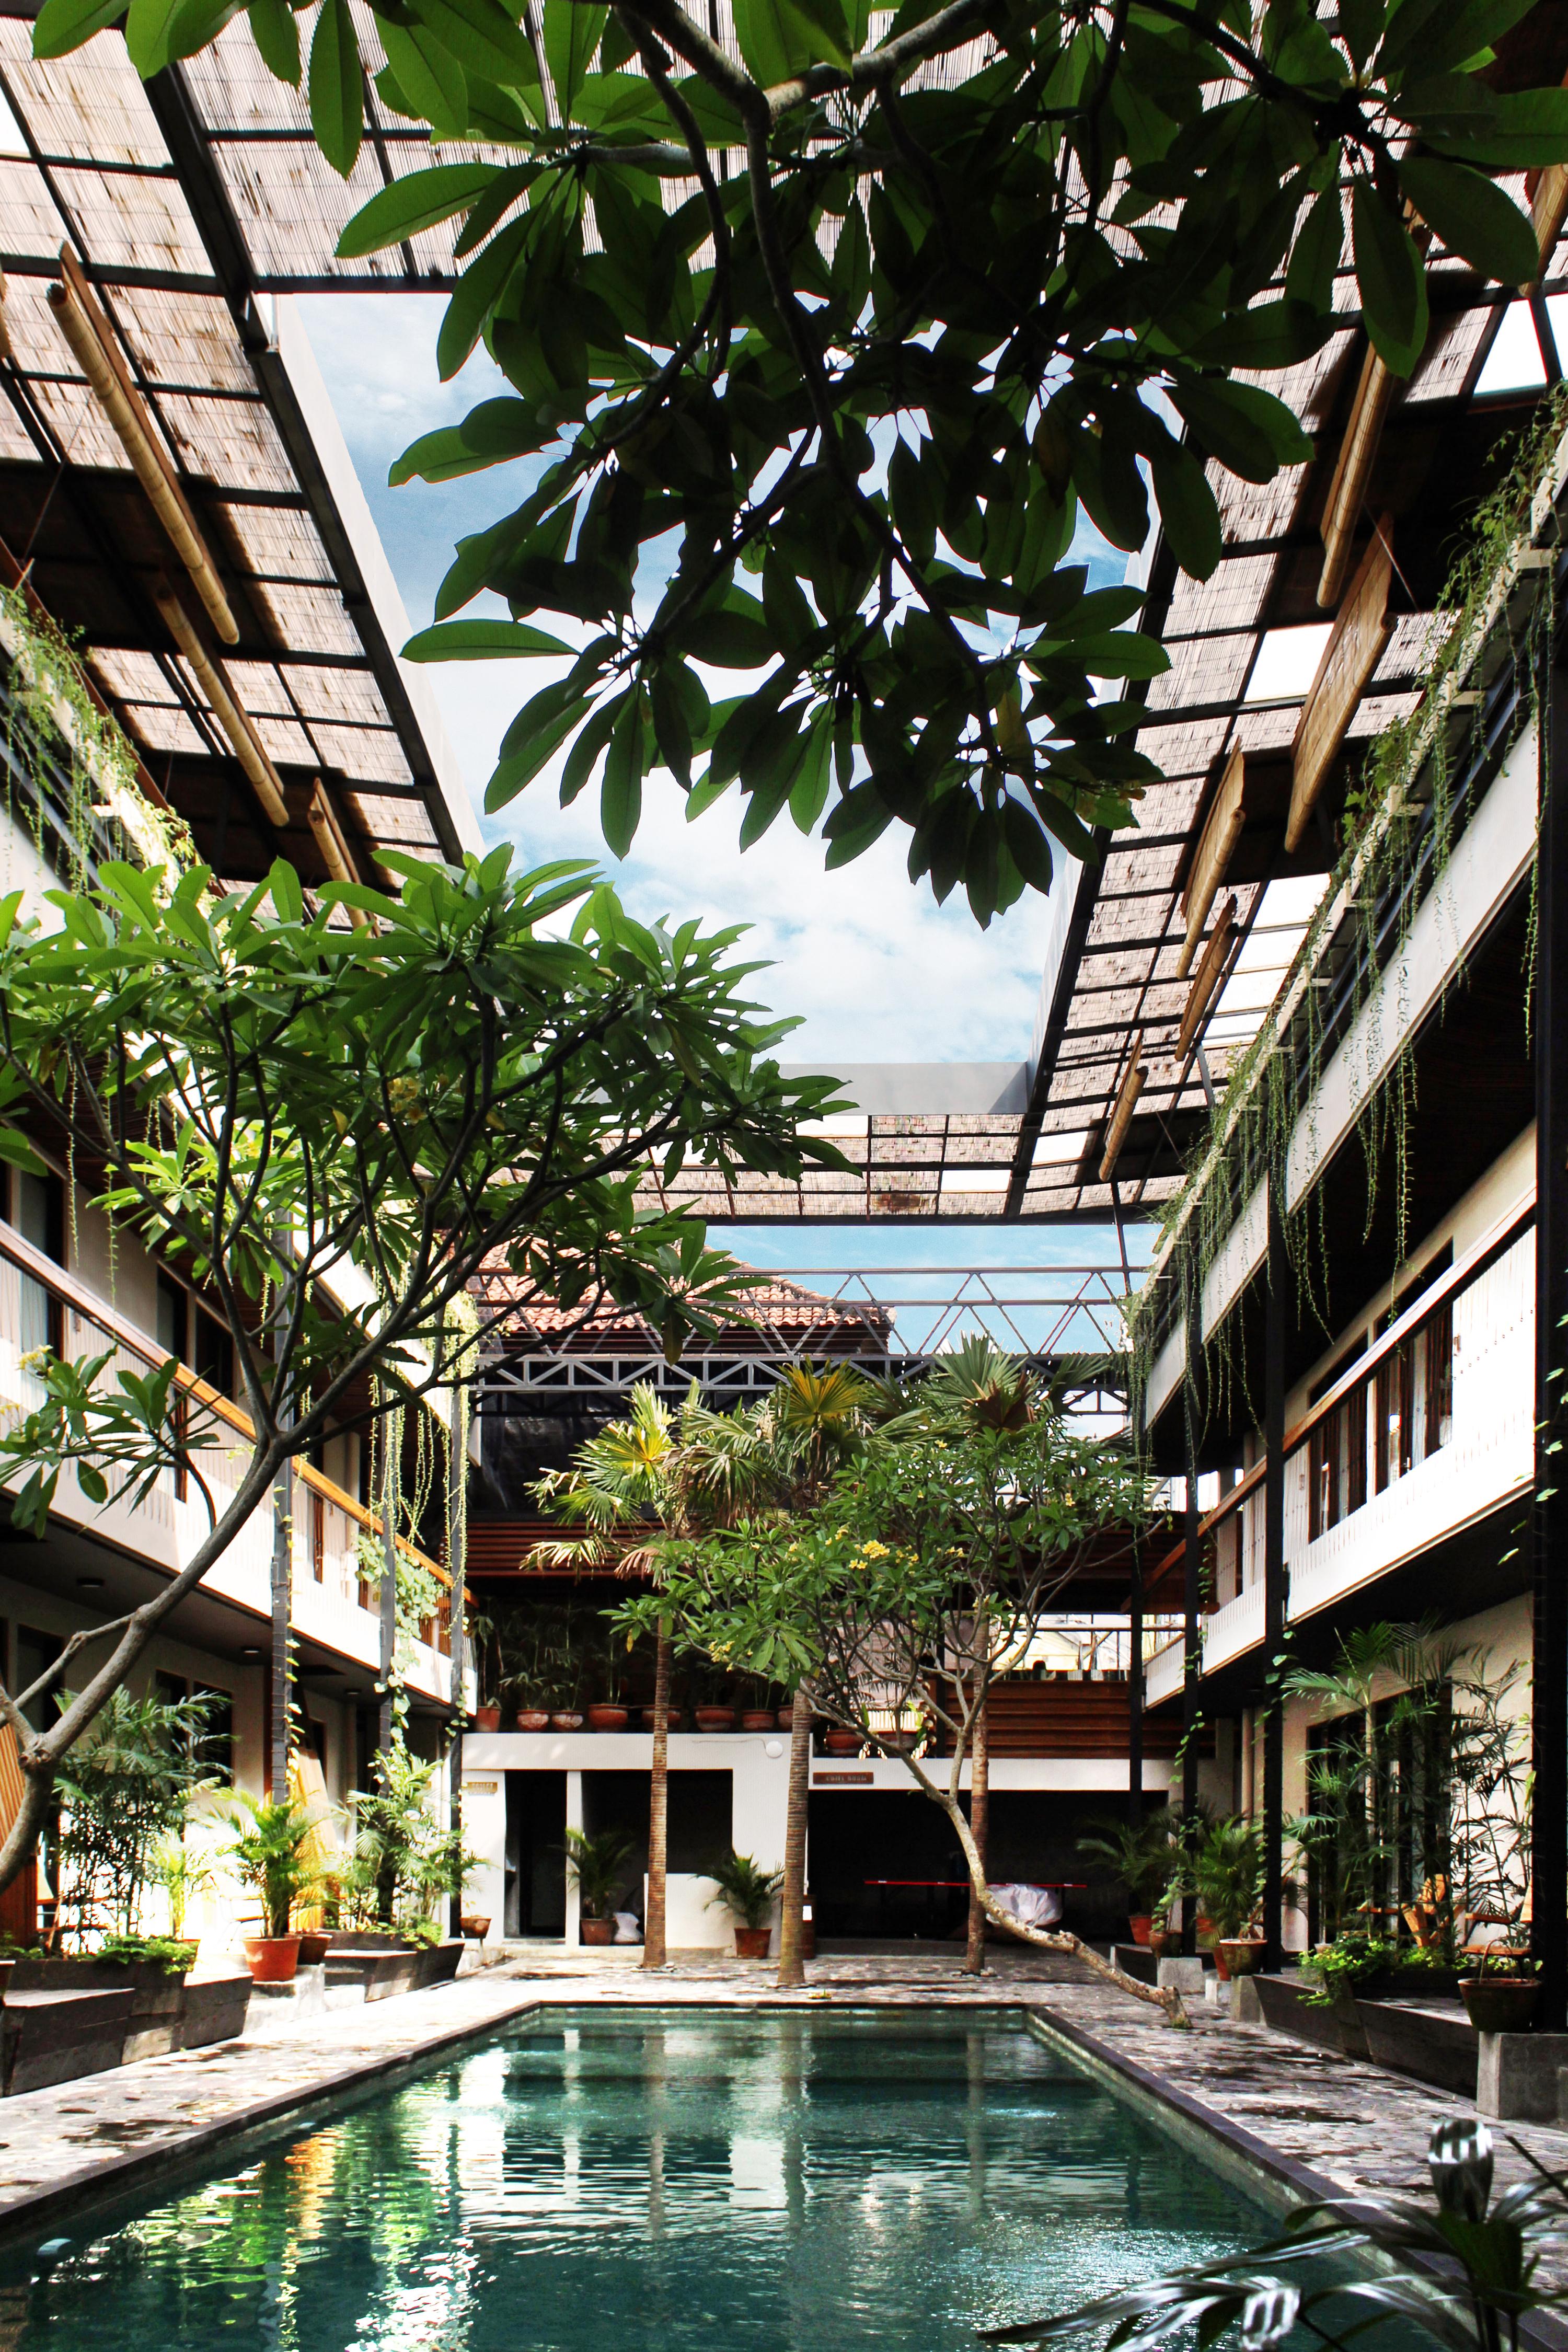 Roam Co-living in Bali